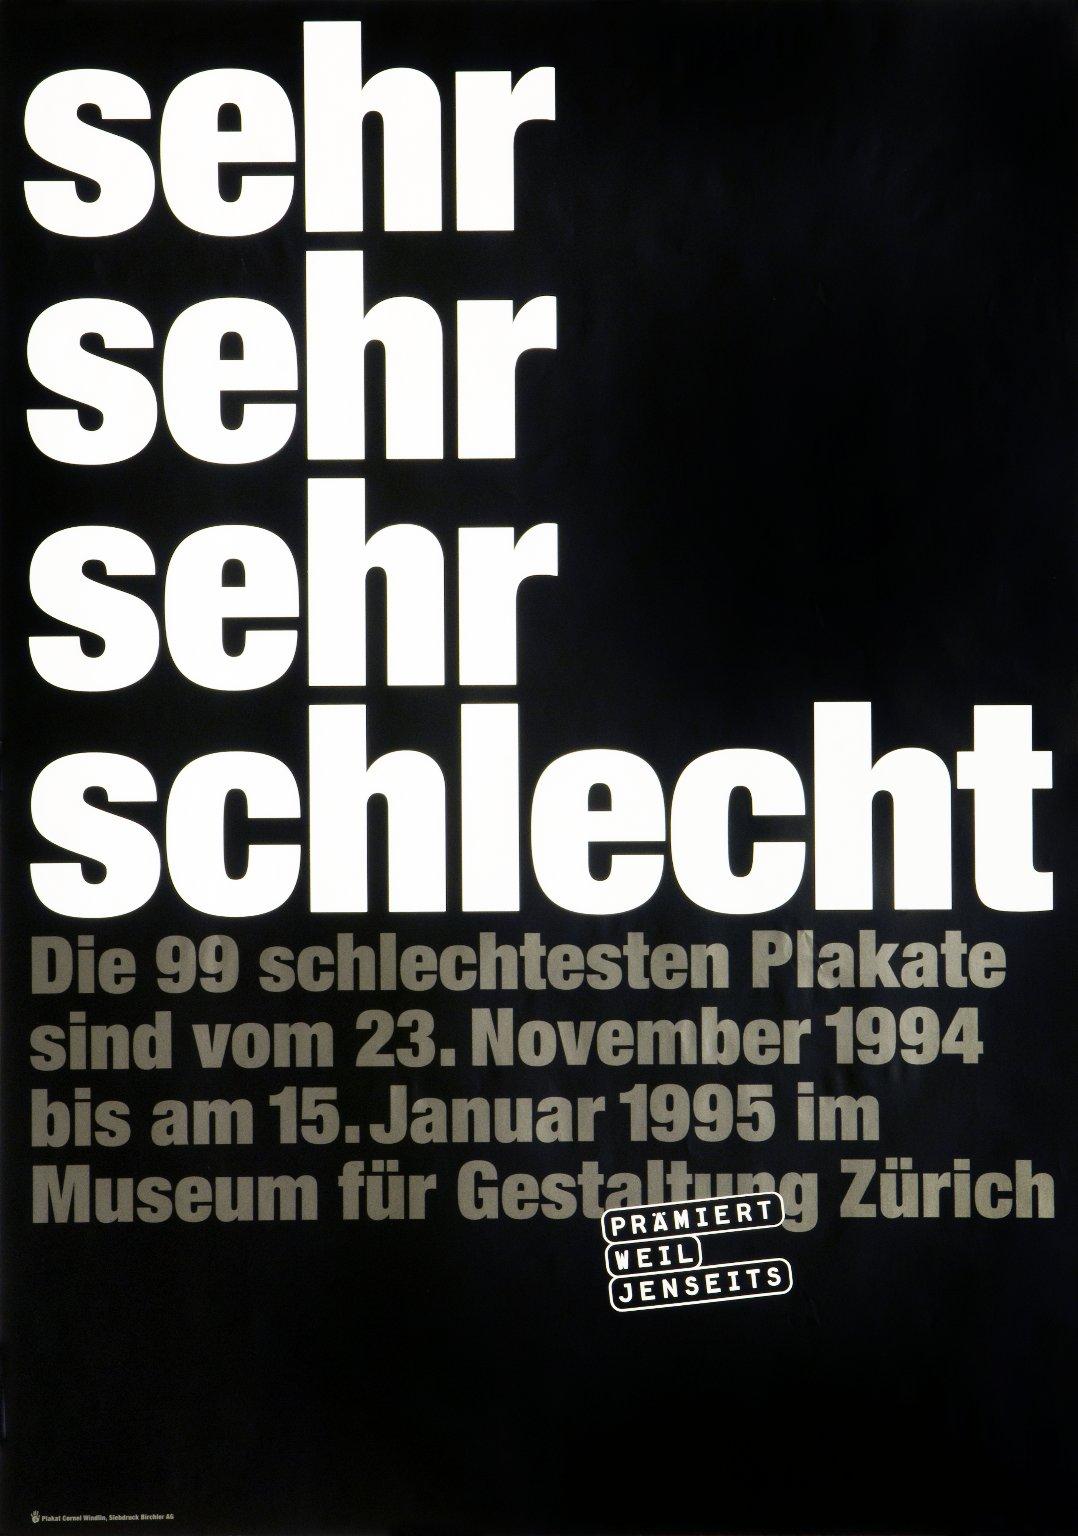 Sehr sehr sehr schlecht: die 99 schlechtesten Plakate